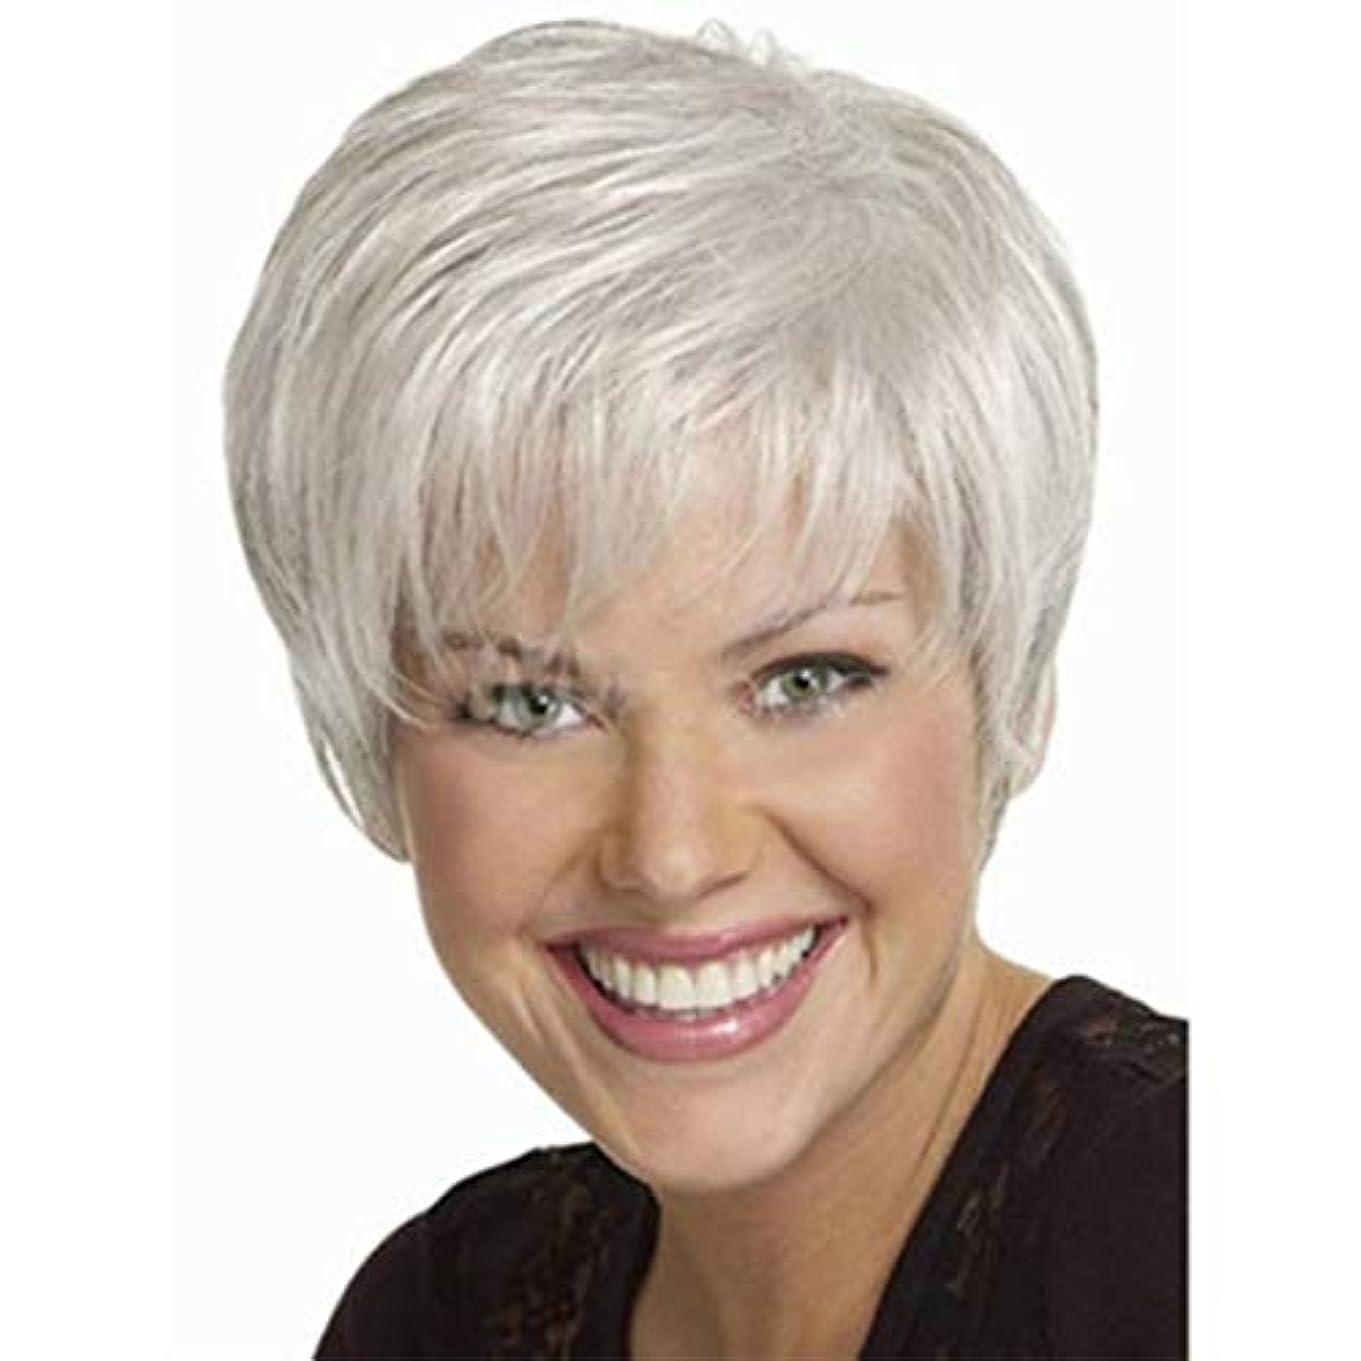 終わった文明乏しいKerwinner ショートヘアウィッグショートストレート人工毛フルウィッグ自然に見える高温ワイヤーウィッグ女性用